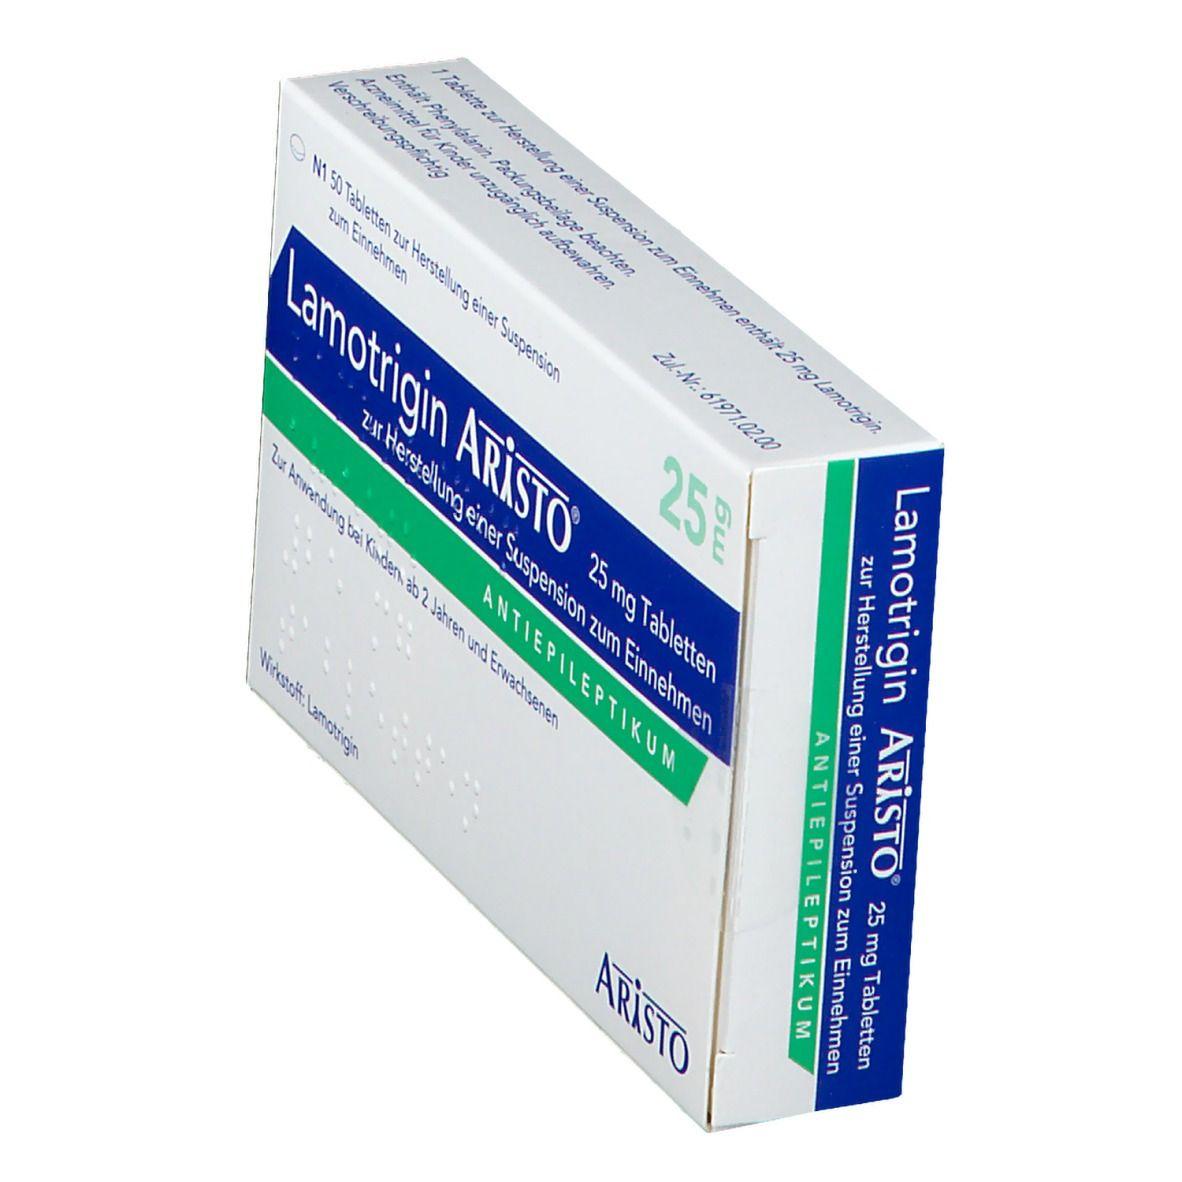 Lamotrigin Aristo® 25 mg